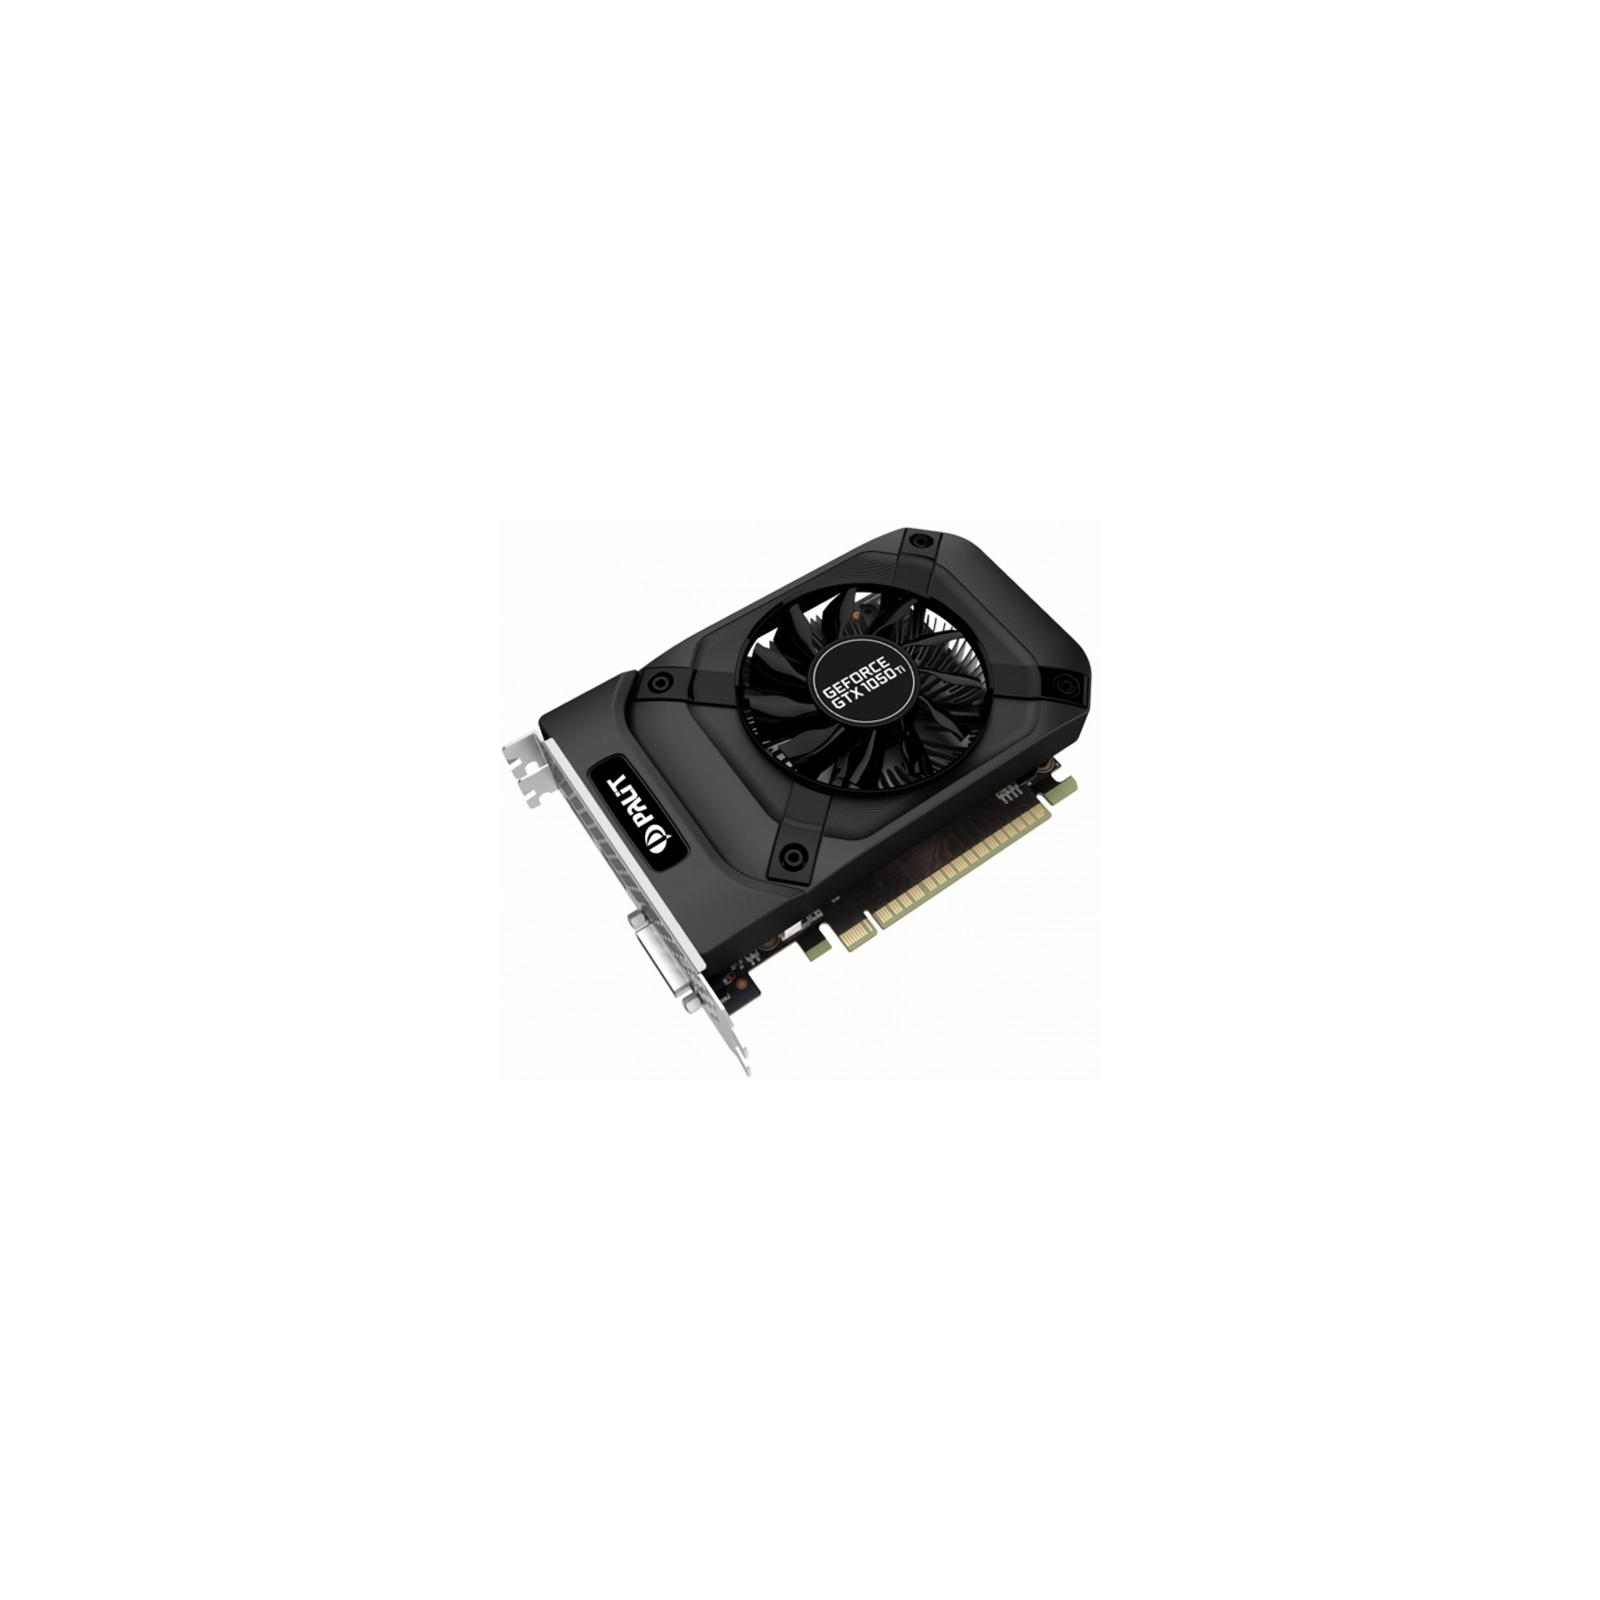 Відеокарта PALIT GeForce GTX1050 Ti 4096Mb StormX (NE5105T018G1-1070F) зображення 3